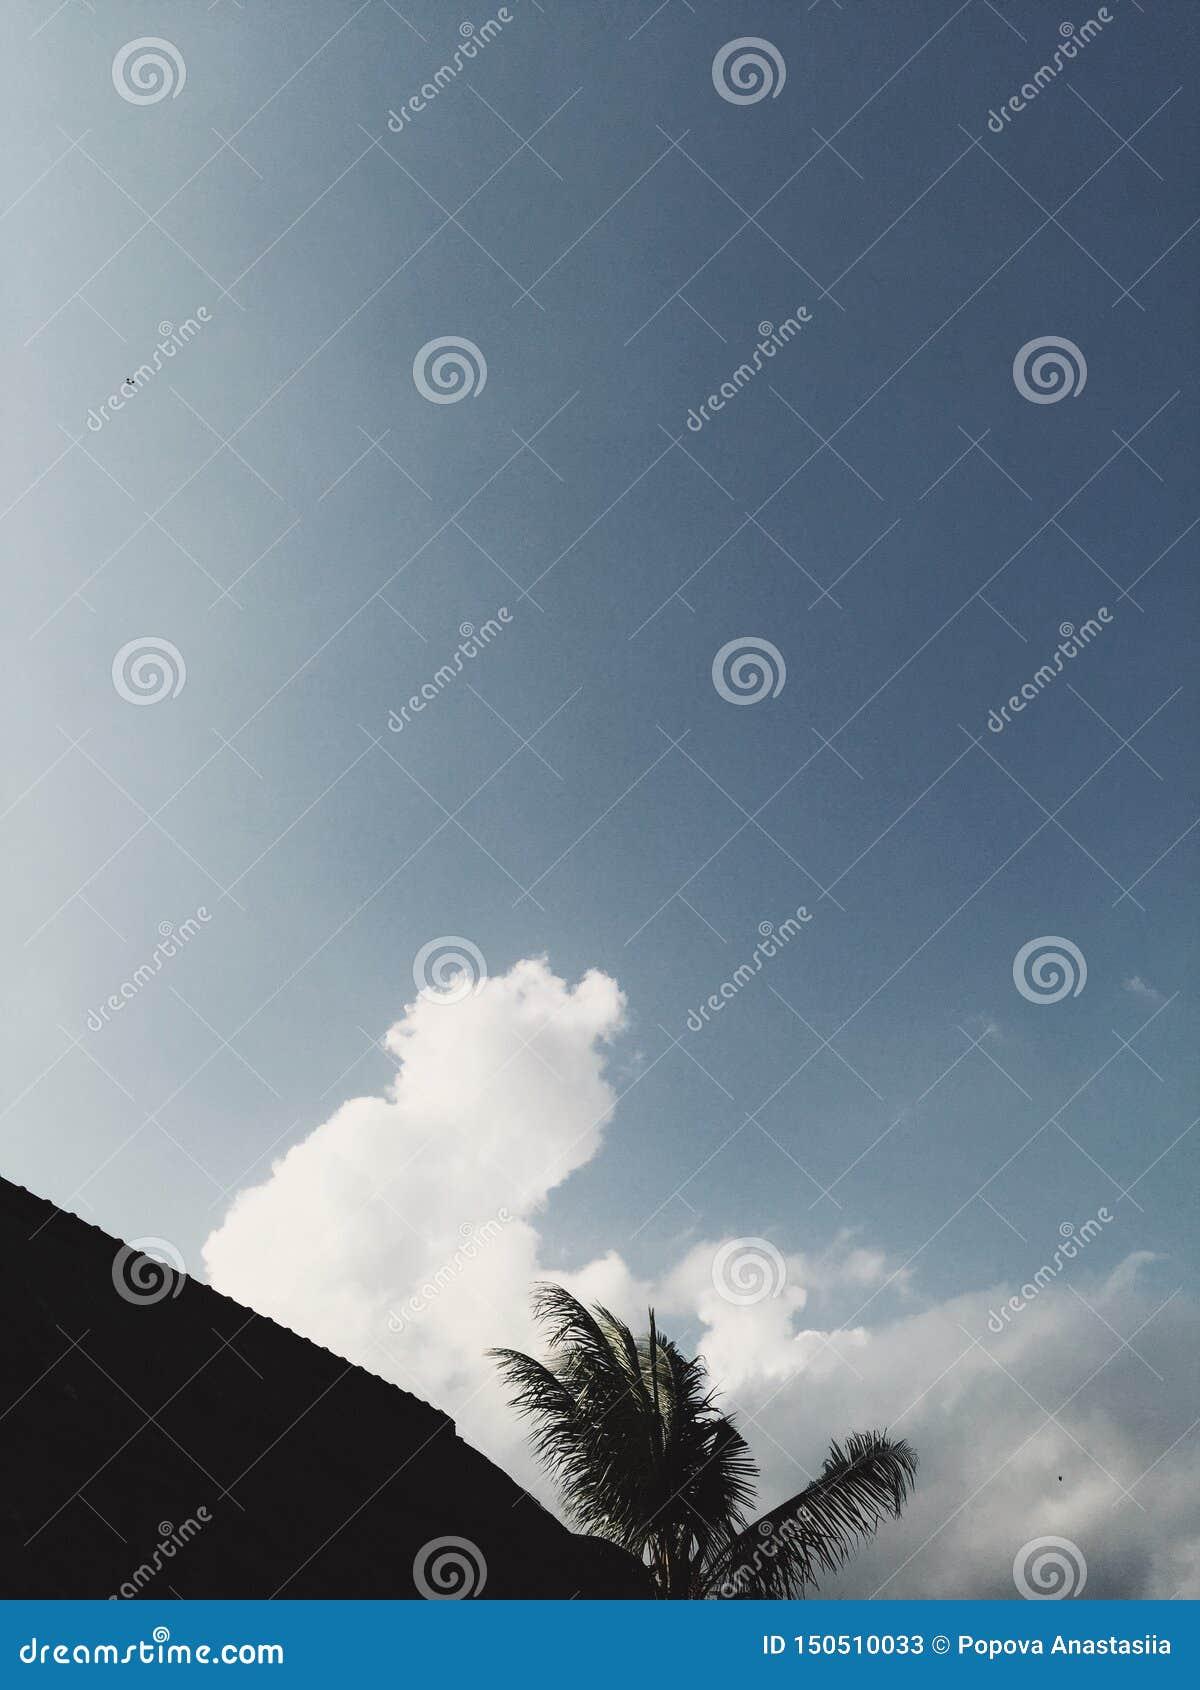 Silhueta da palma e do telhado no céu nebuloso azul no fundo